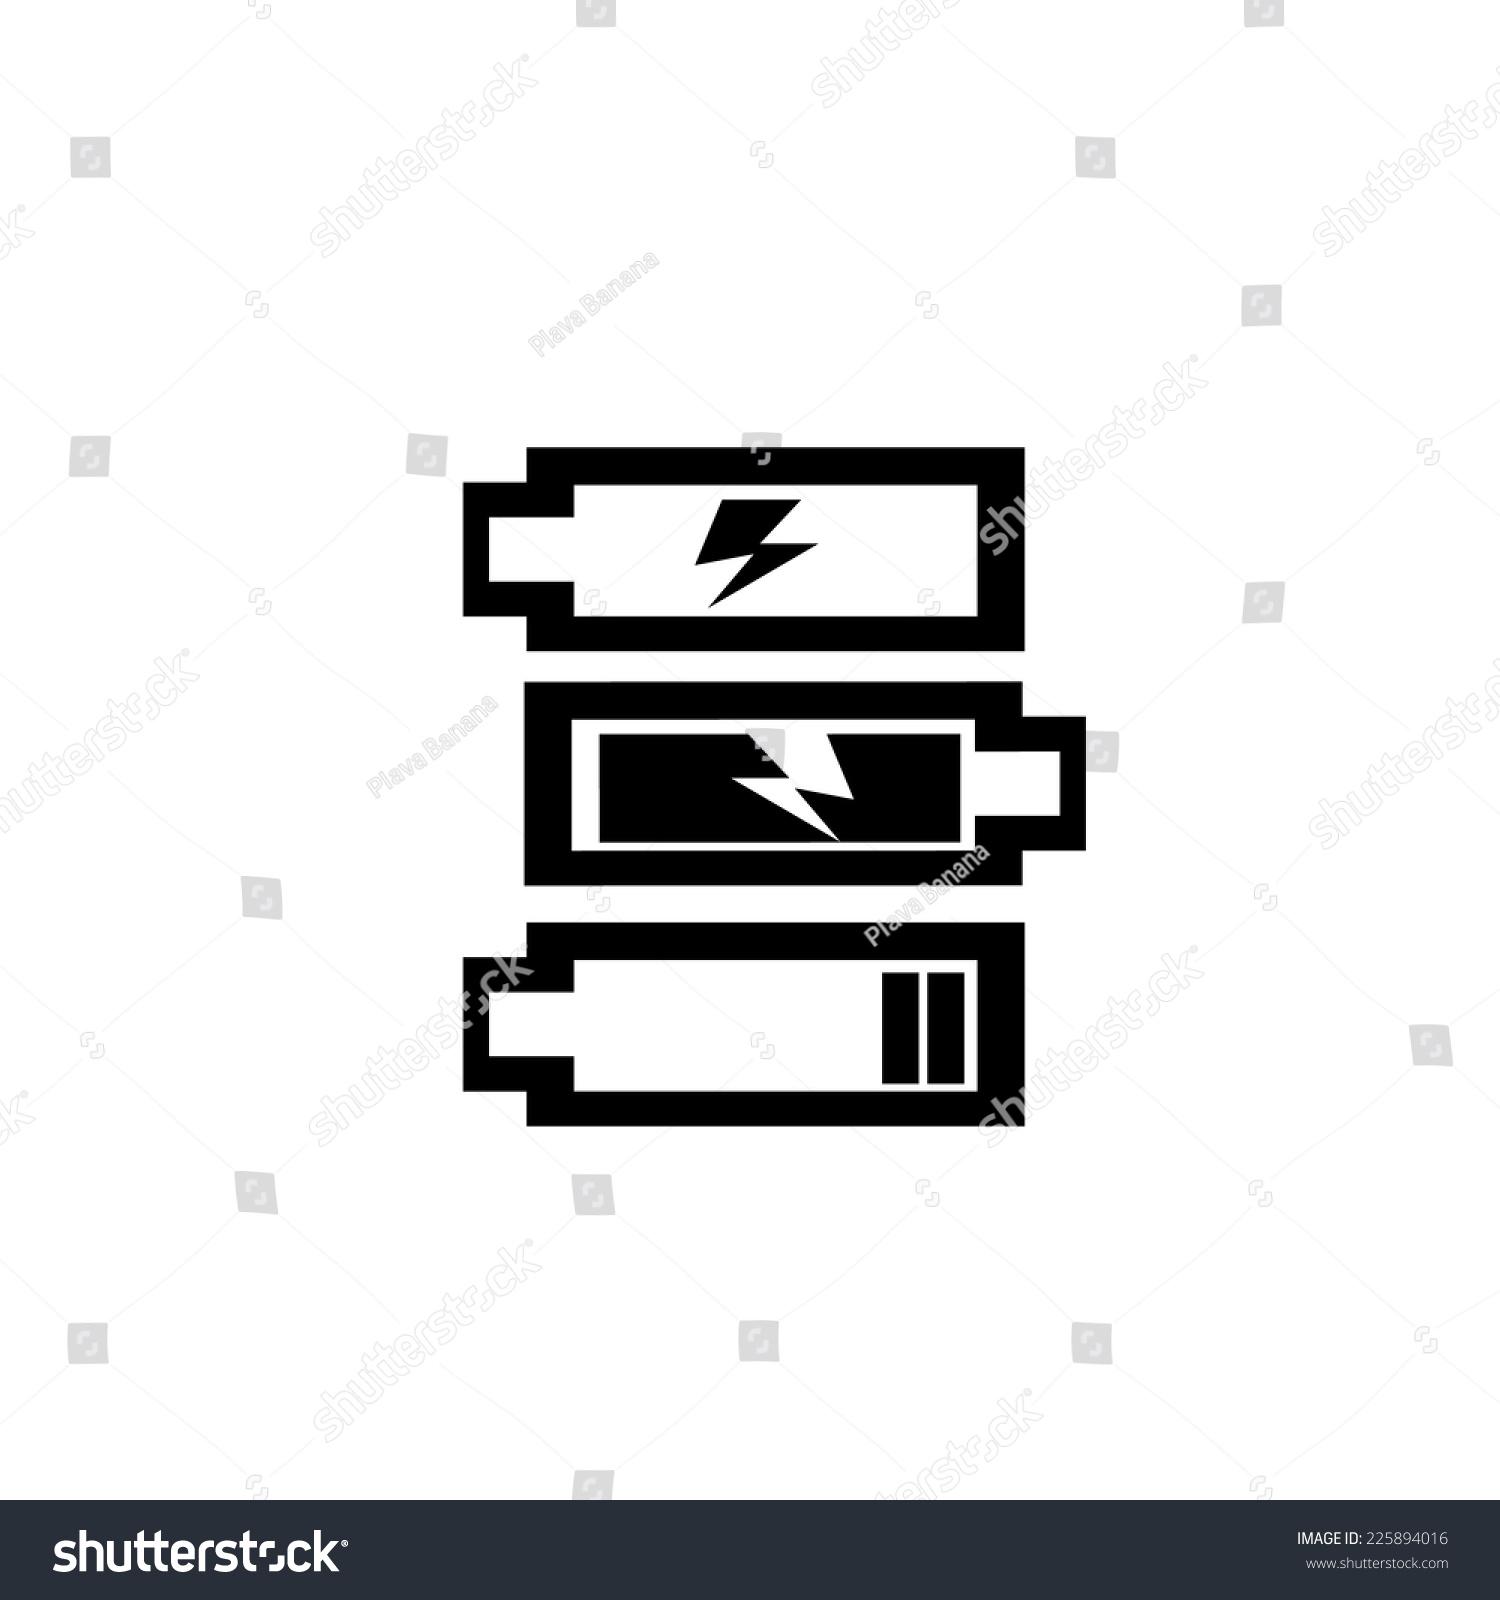 Low Battery Full Battery Black White Stock Vector (2018) 225894016 ...